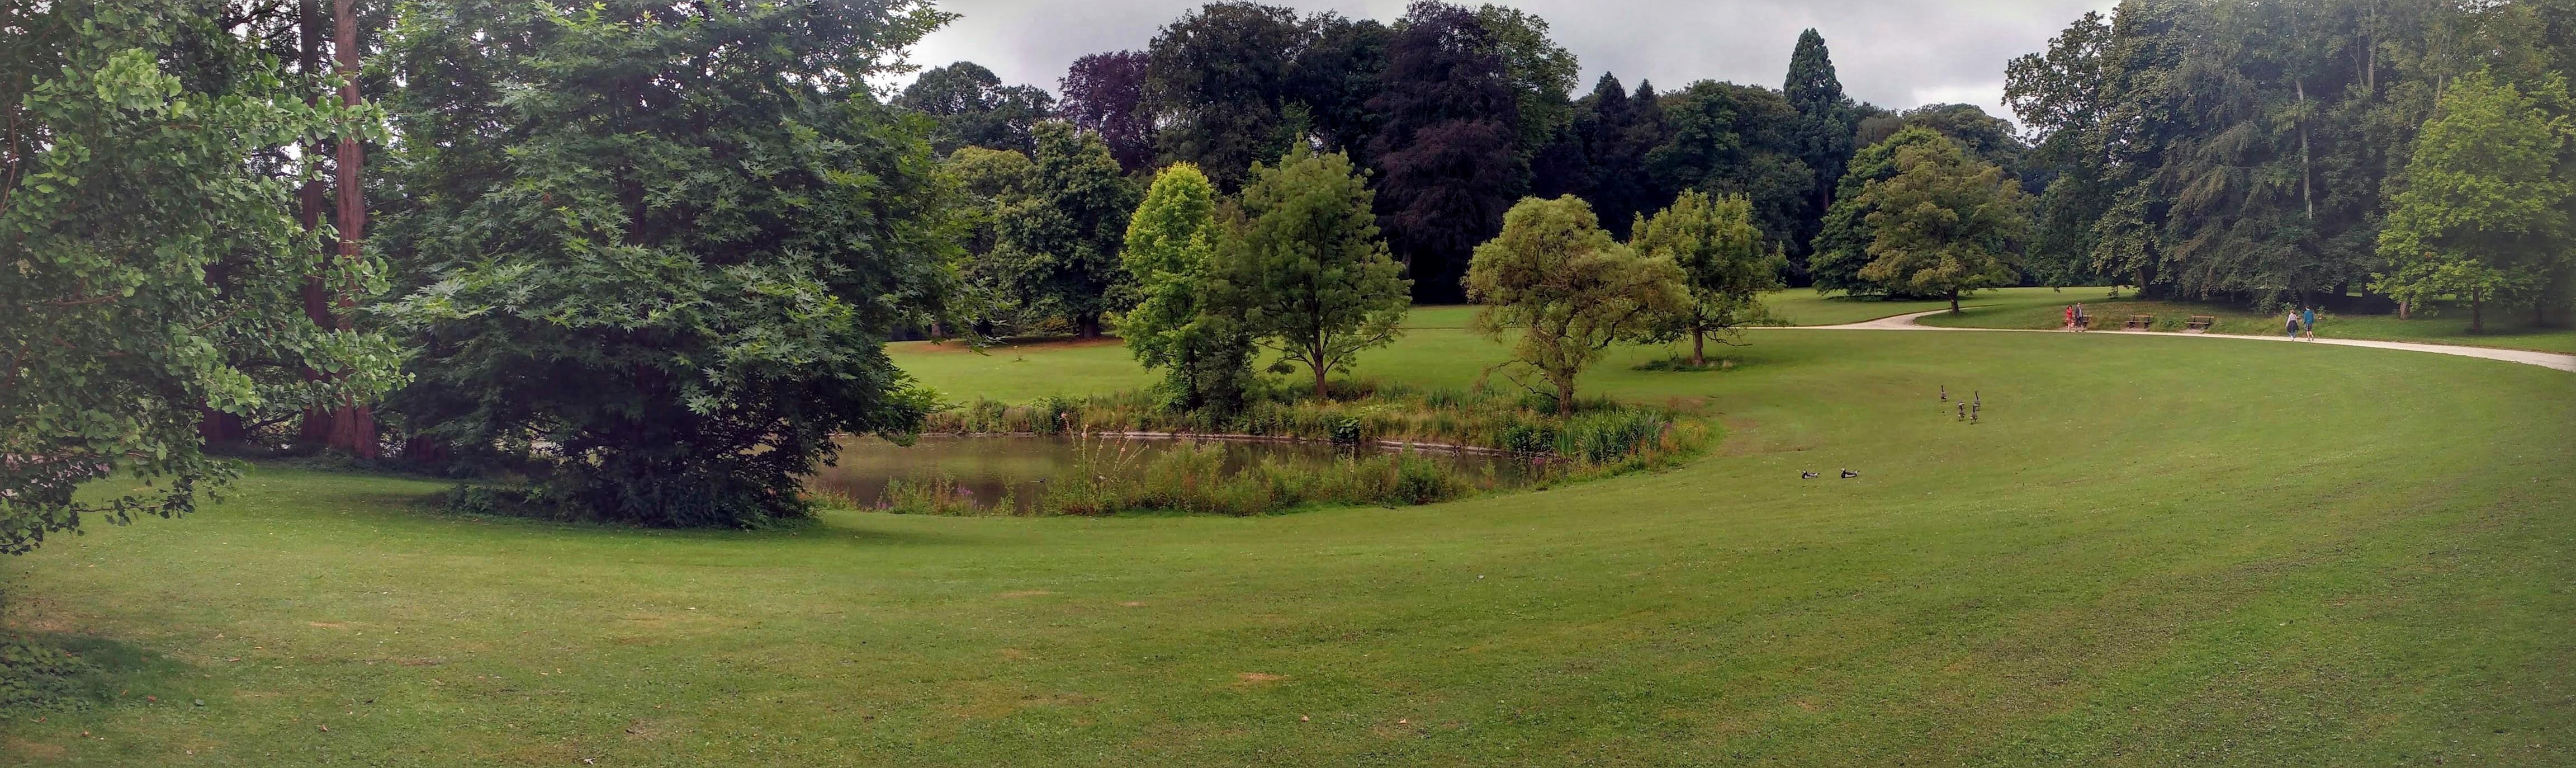 Botanical Garden Meise - Panorama